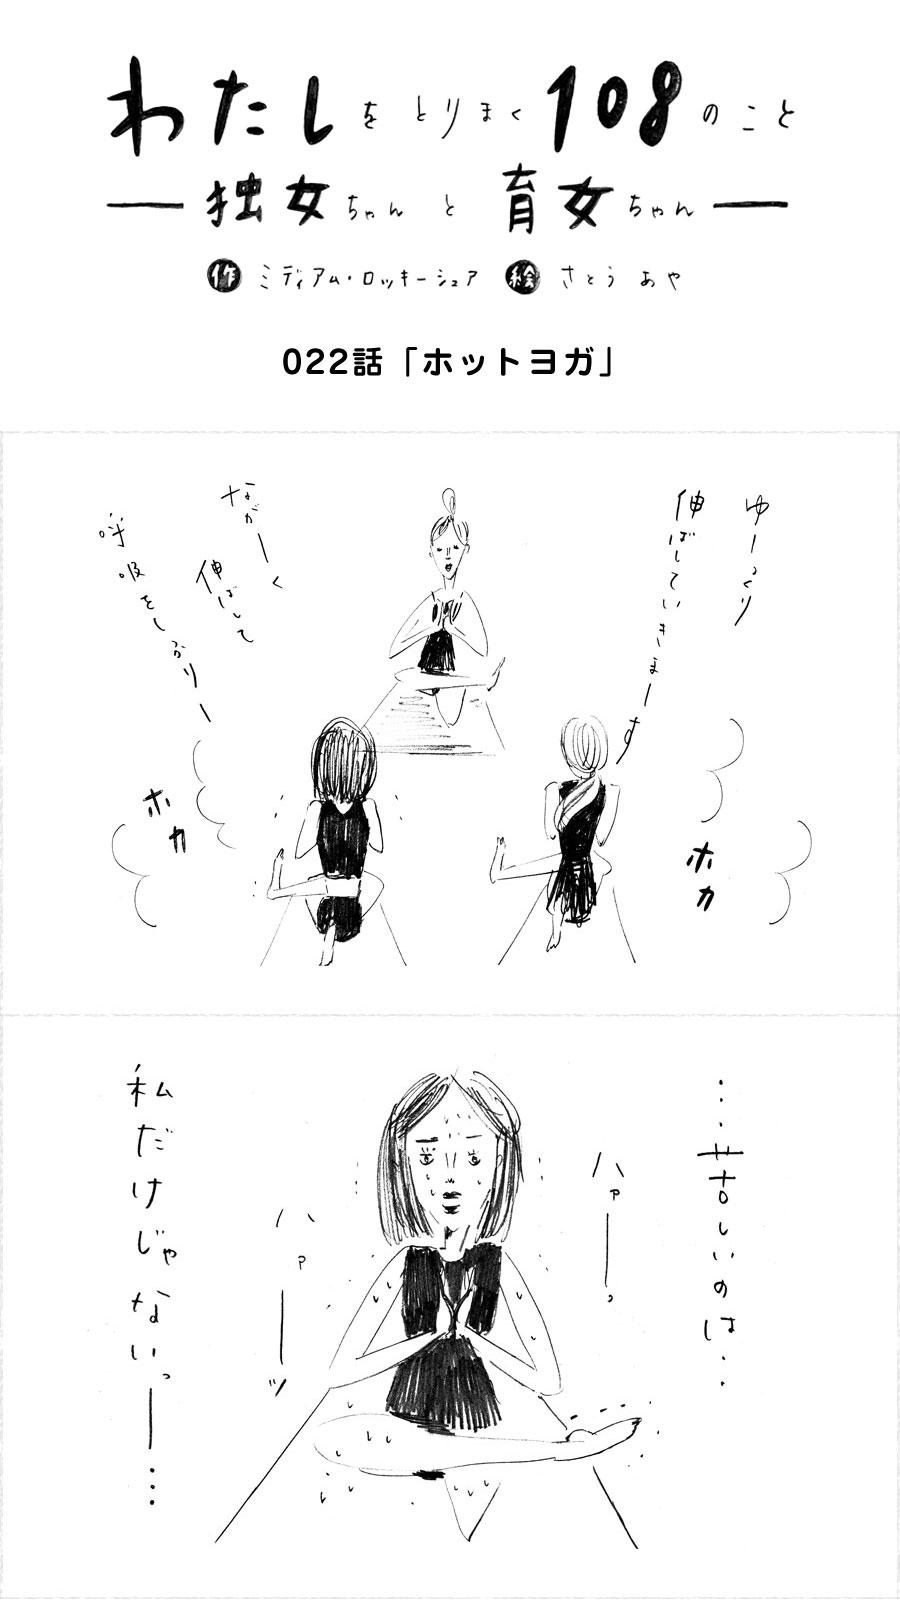 022_独女ちゃん_ホットヨガ_001